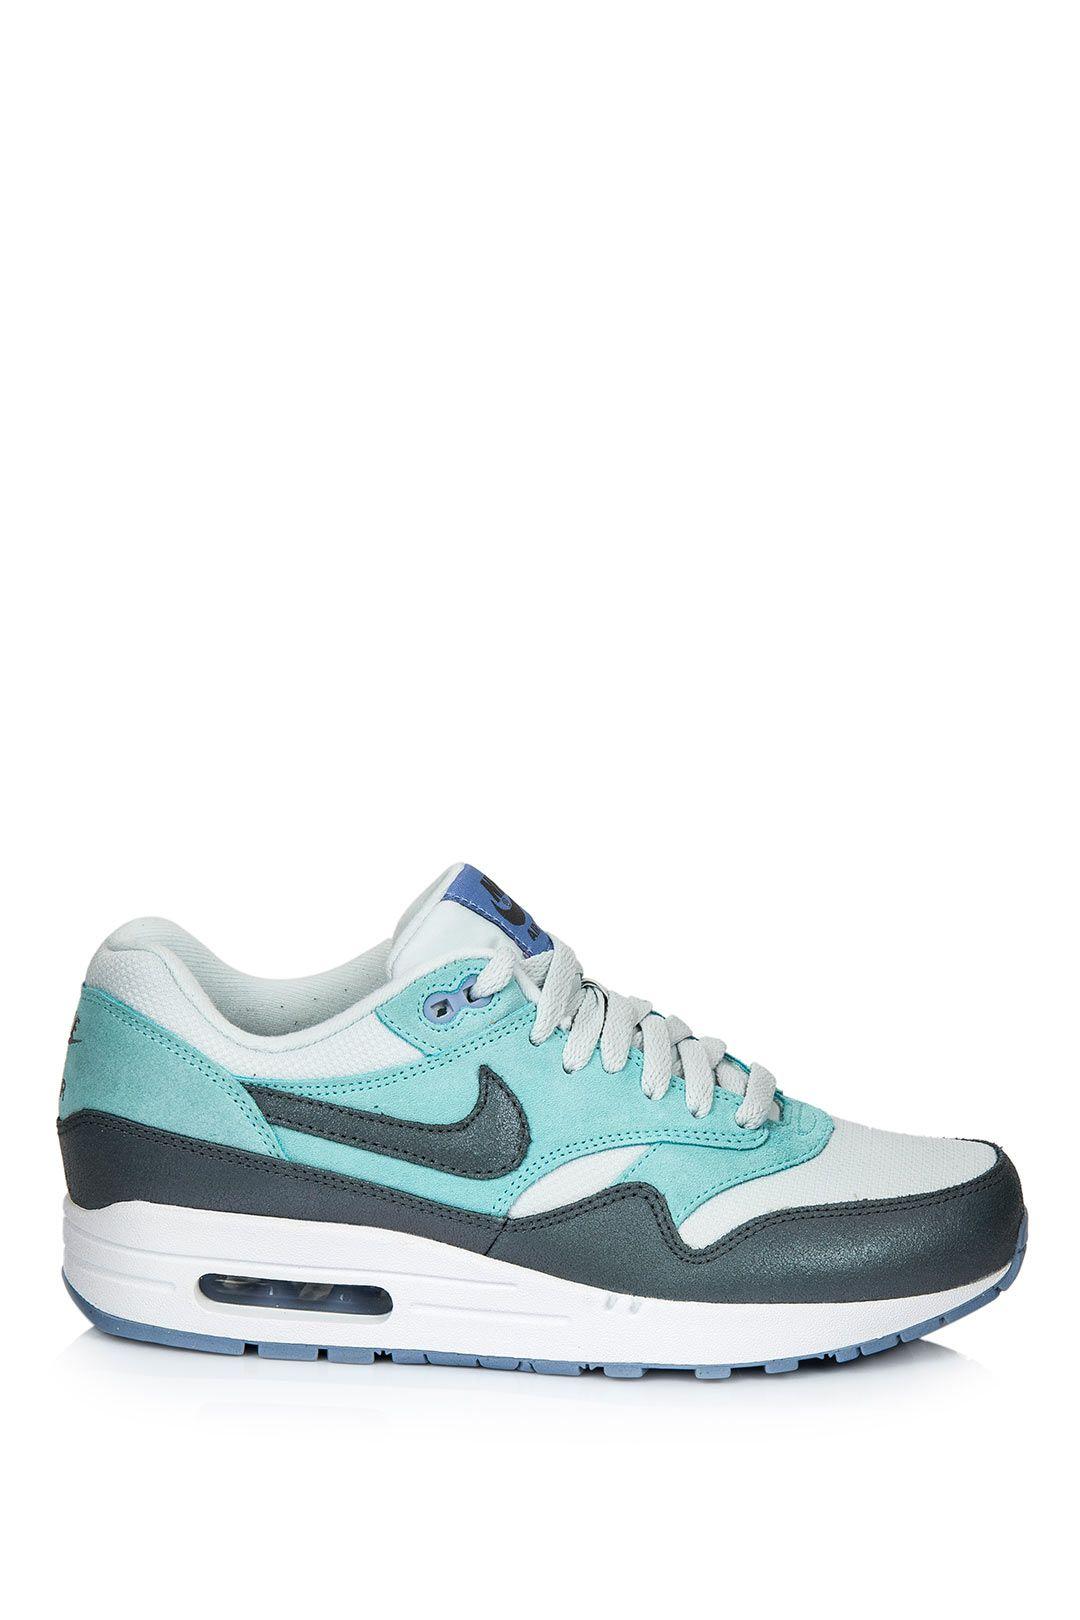 1c07e855d66 Nike Air Max 1 Essential